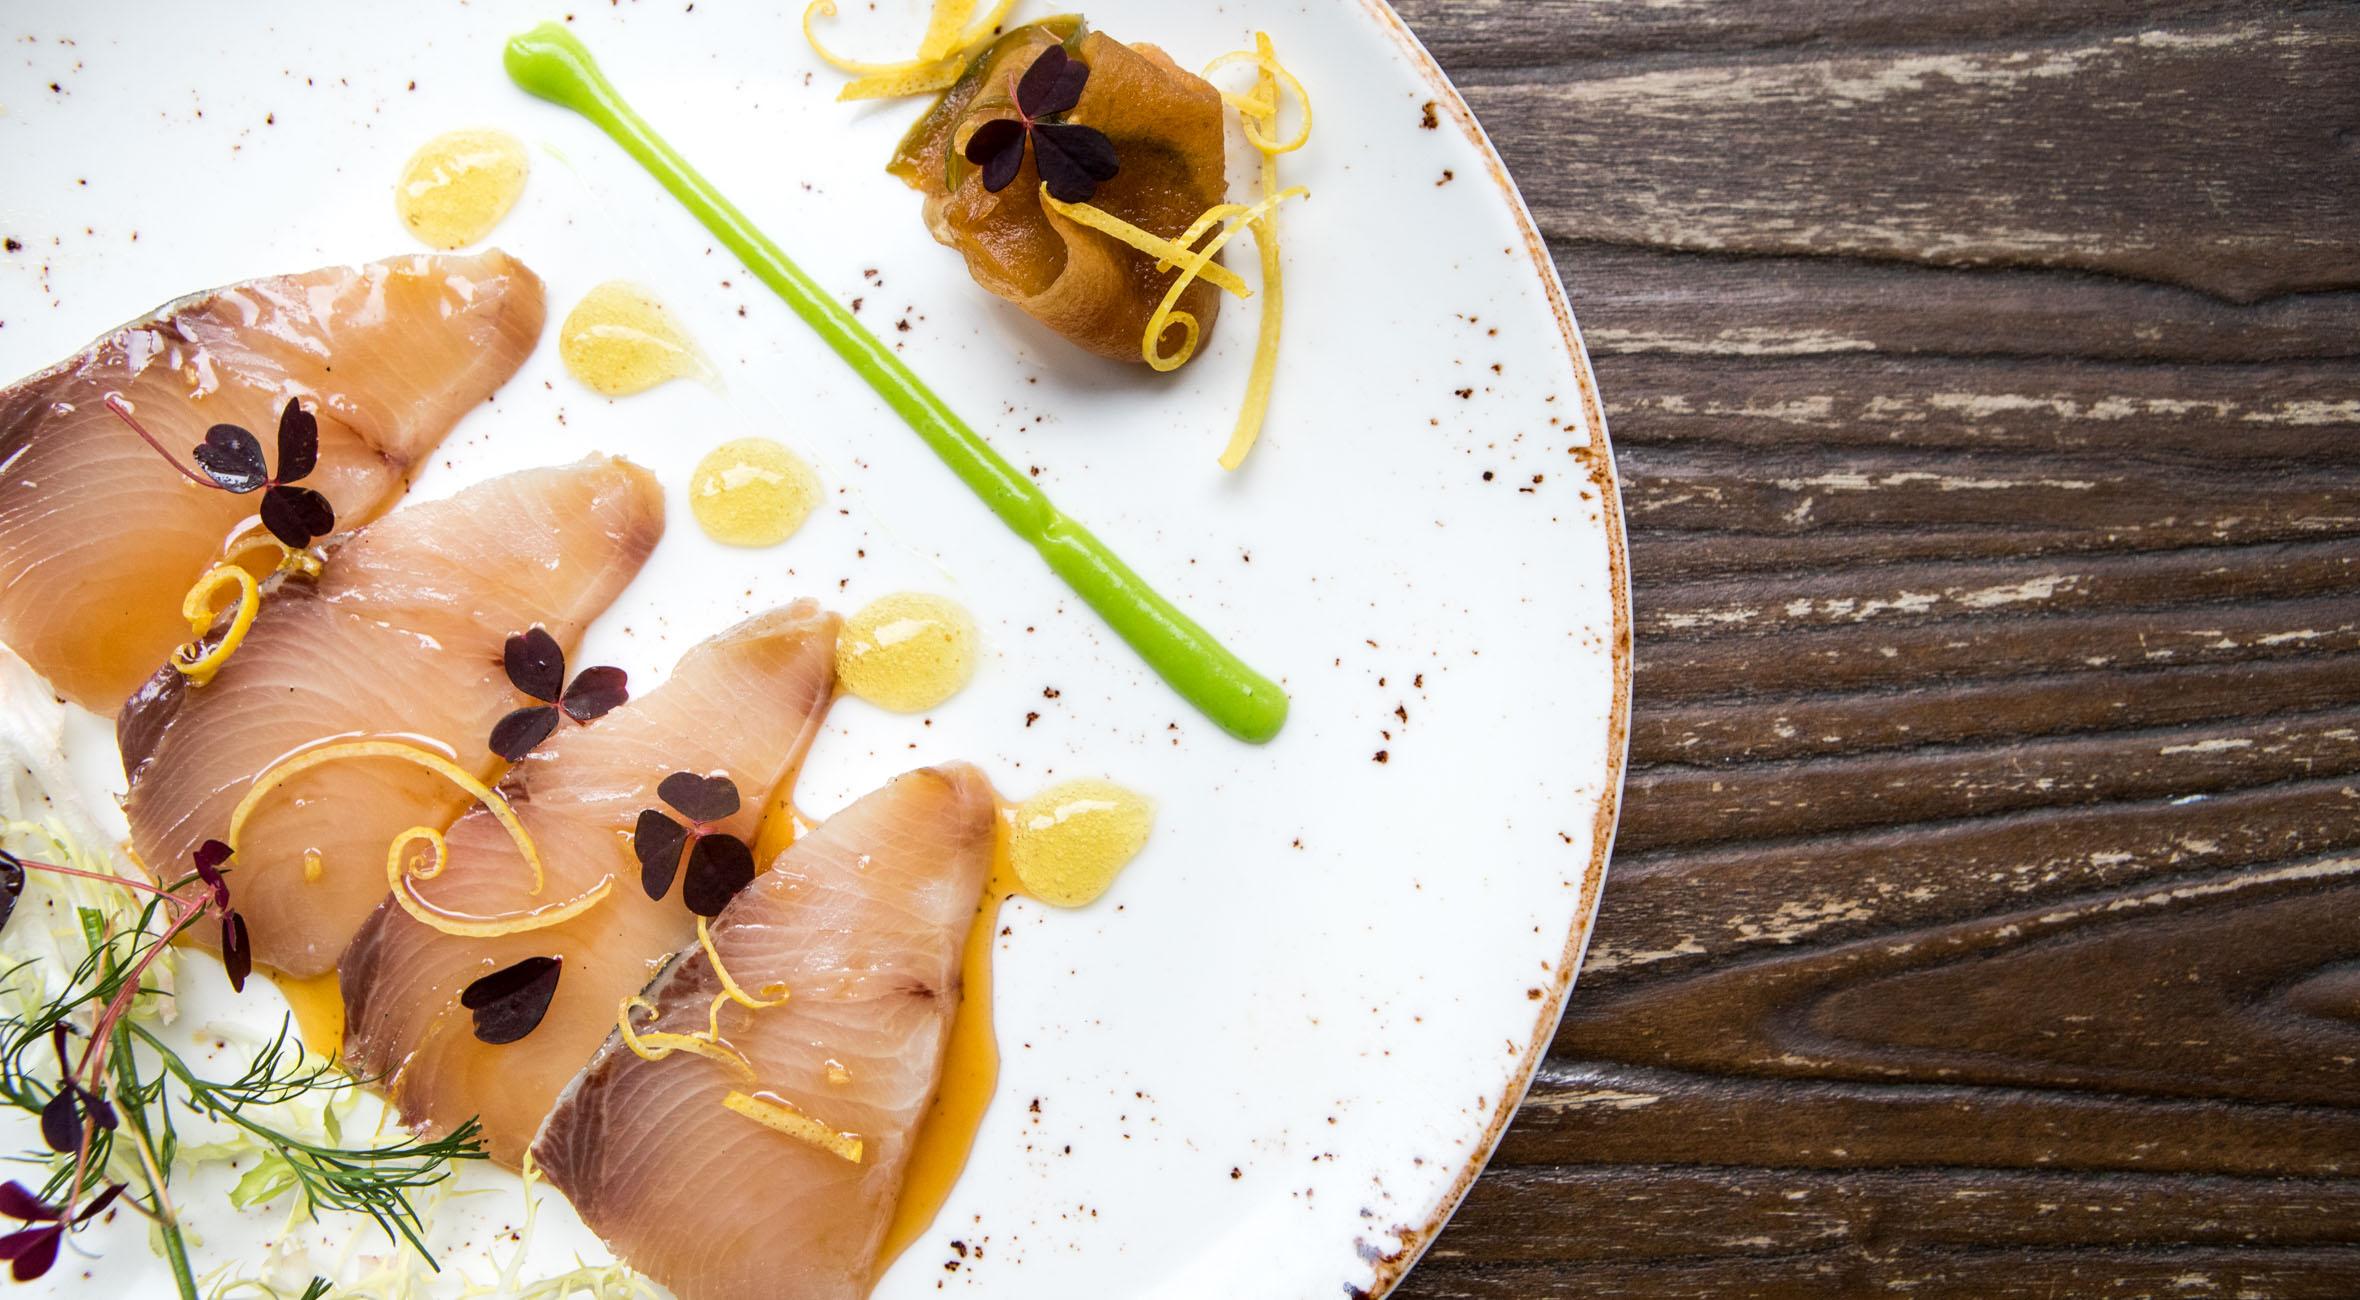 6-retters gourmet hos Reef N' Beef – Australsk fine dining restaurant byder på vild gastronomi med regnskovskrydderier